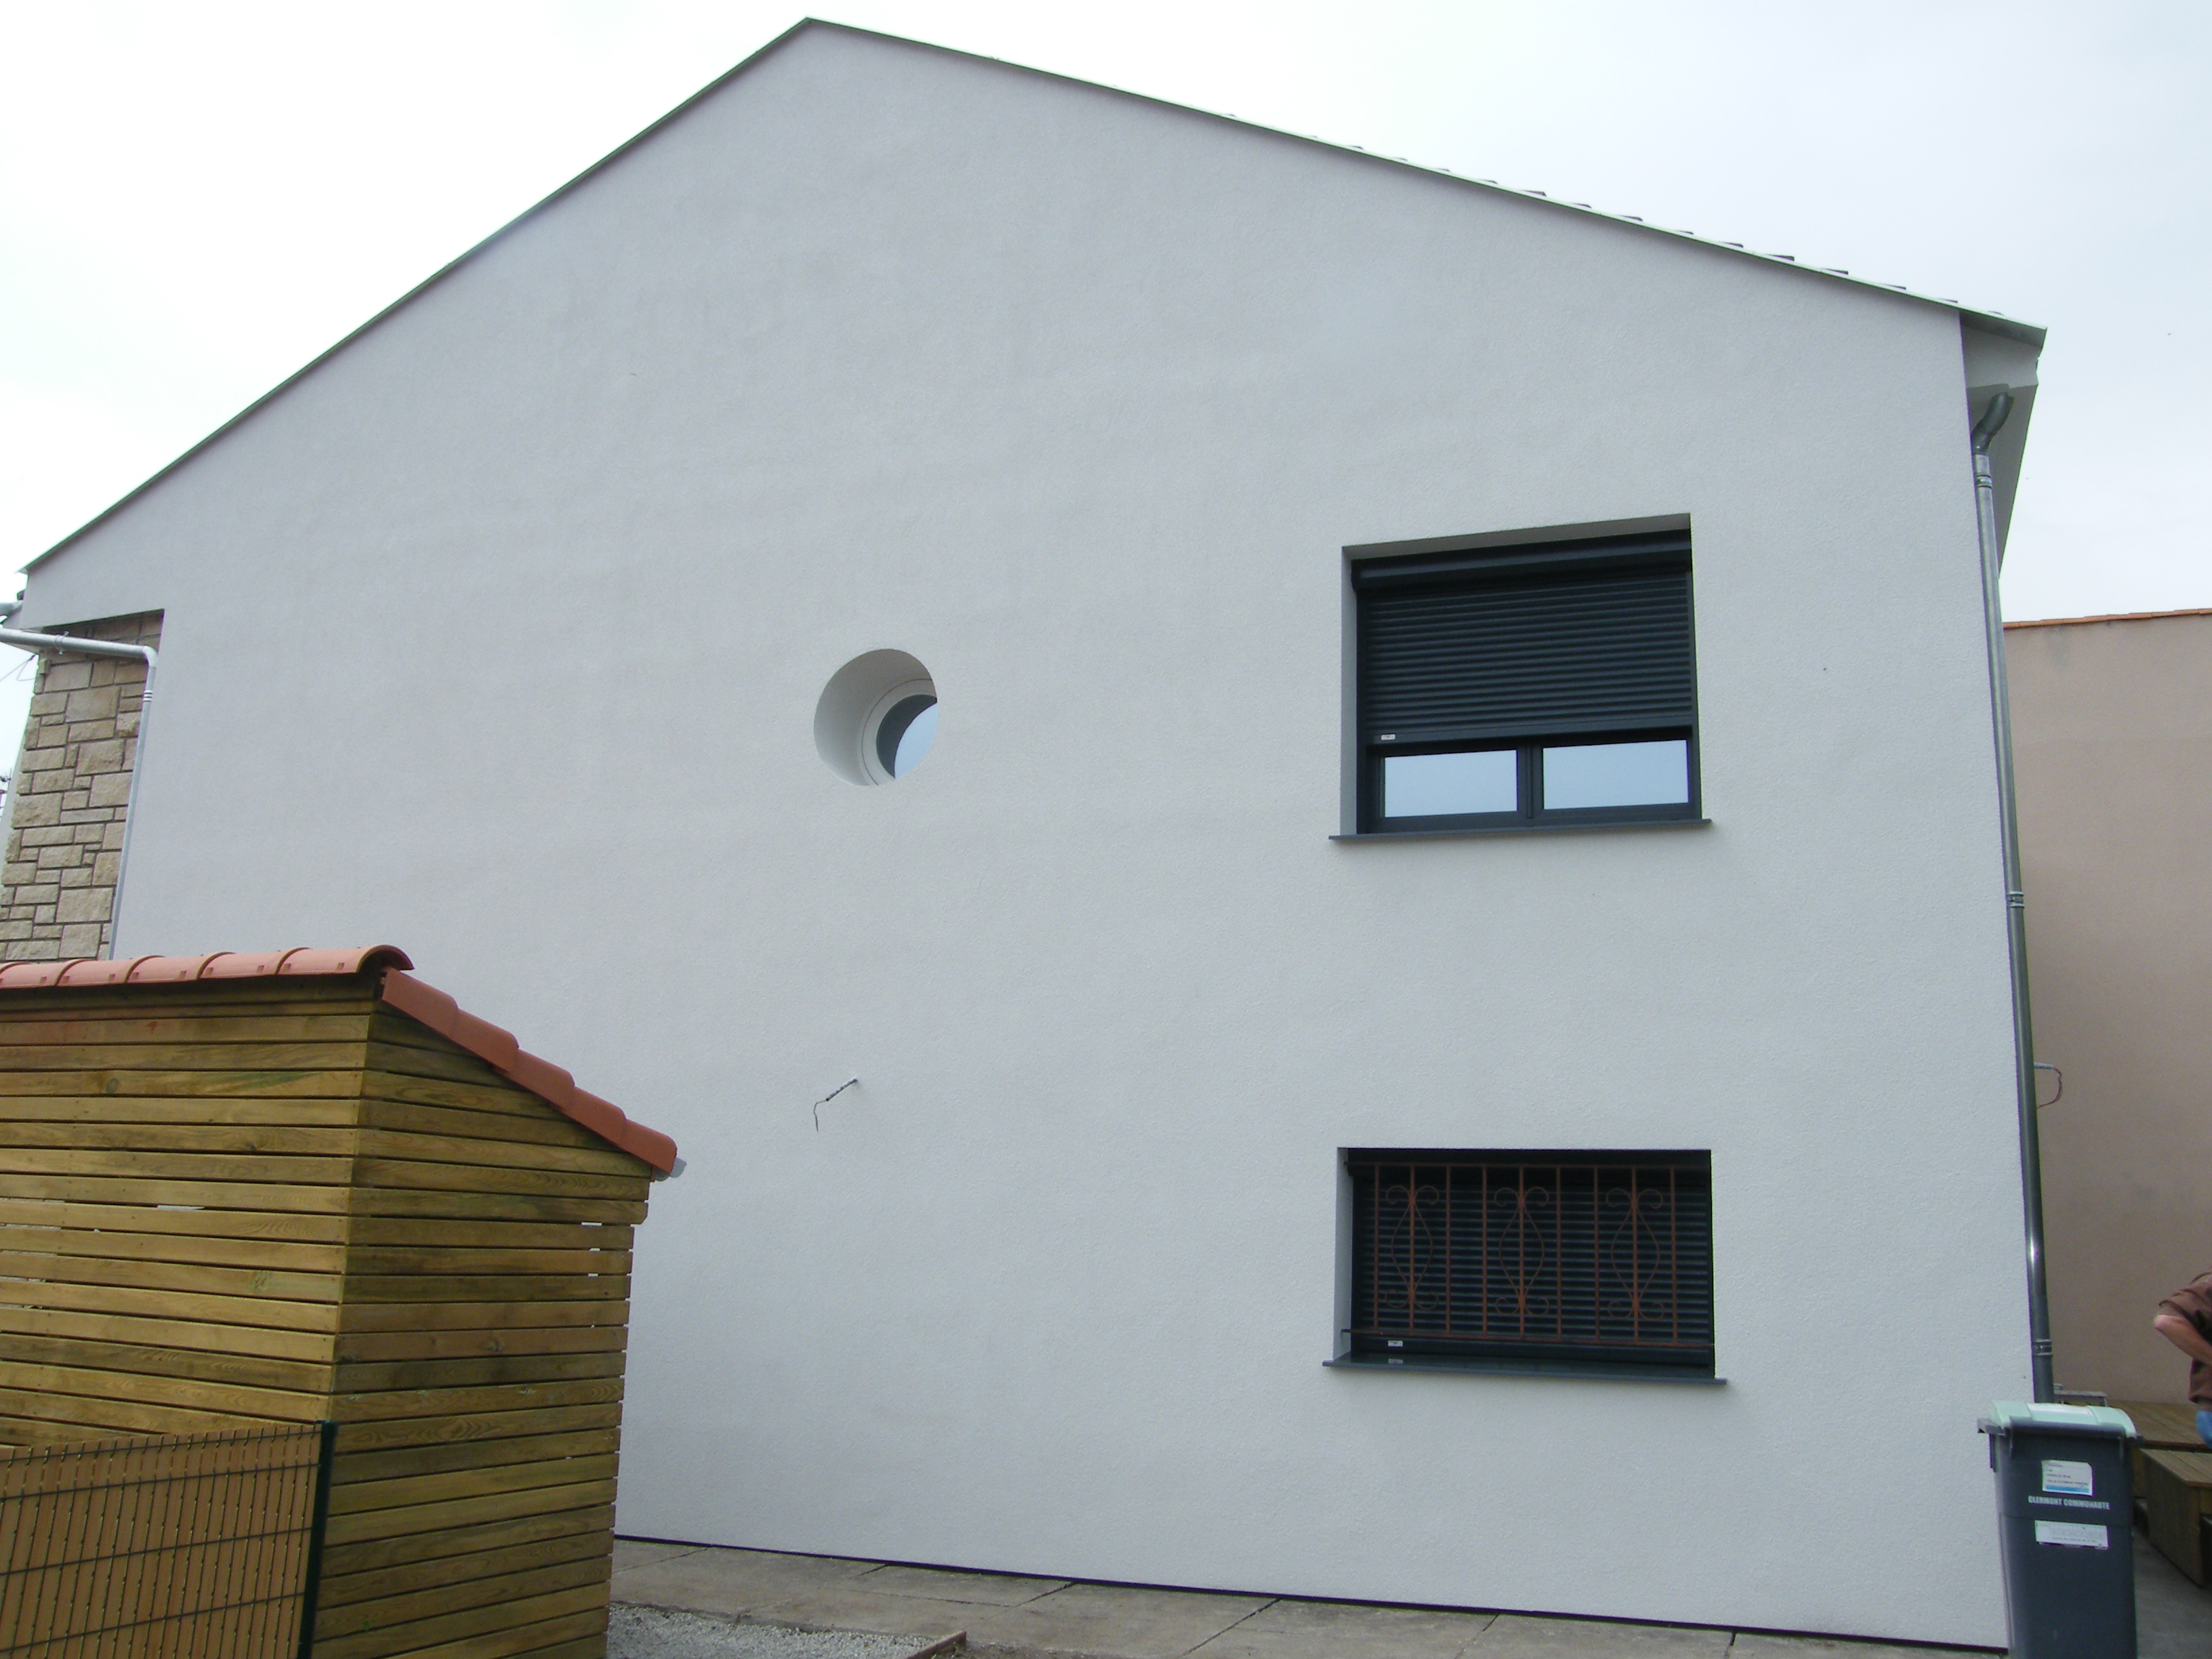 dscf6028 compte isolation. Black Bedroom Furniture Sets. Home Design Ideas